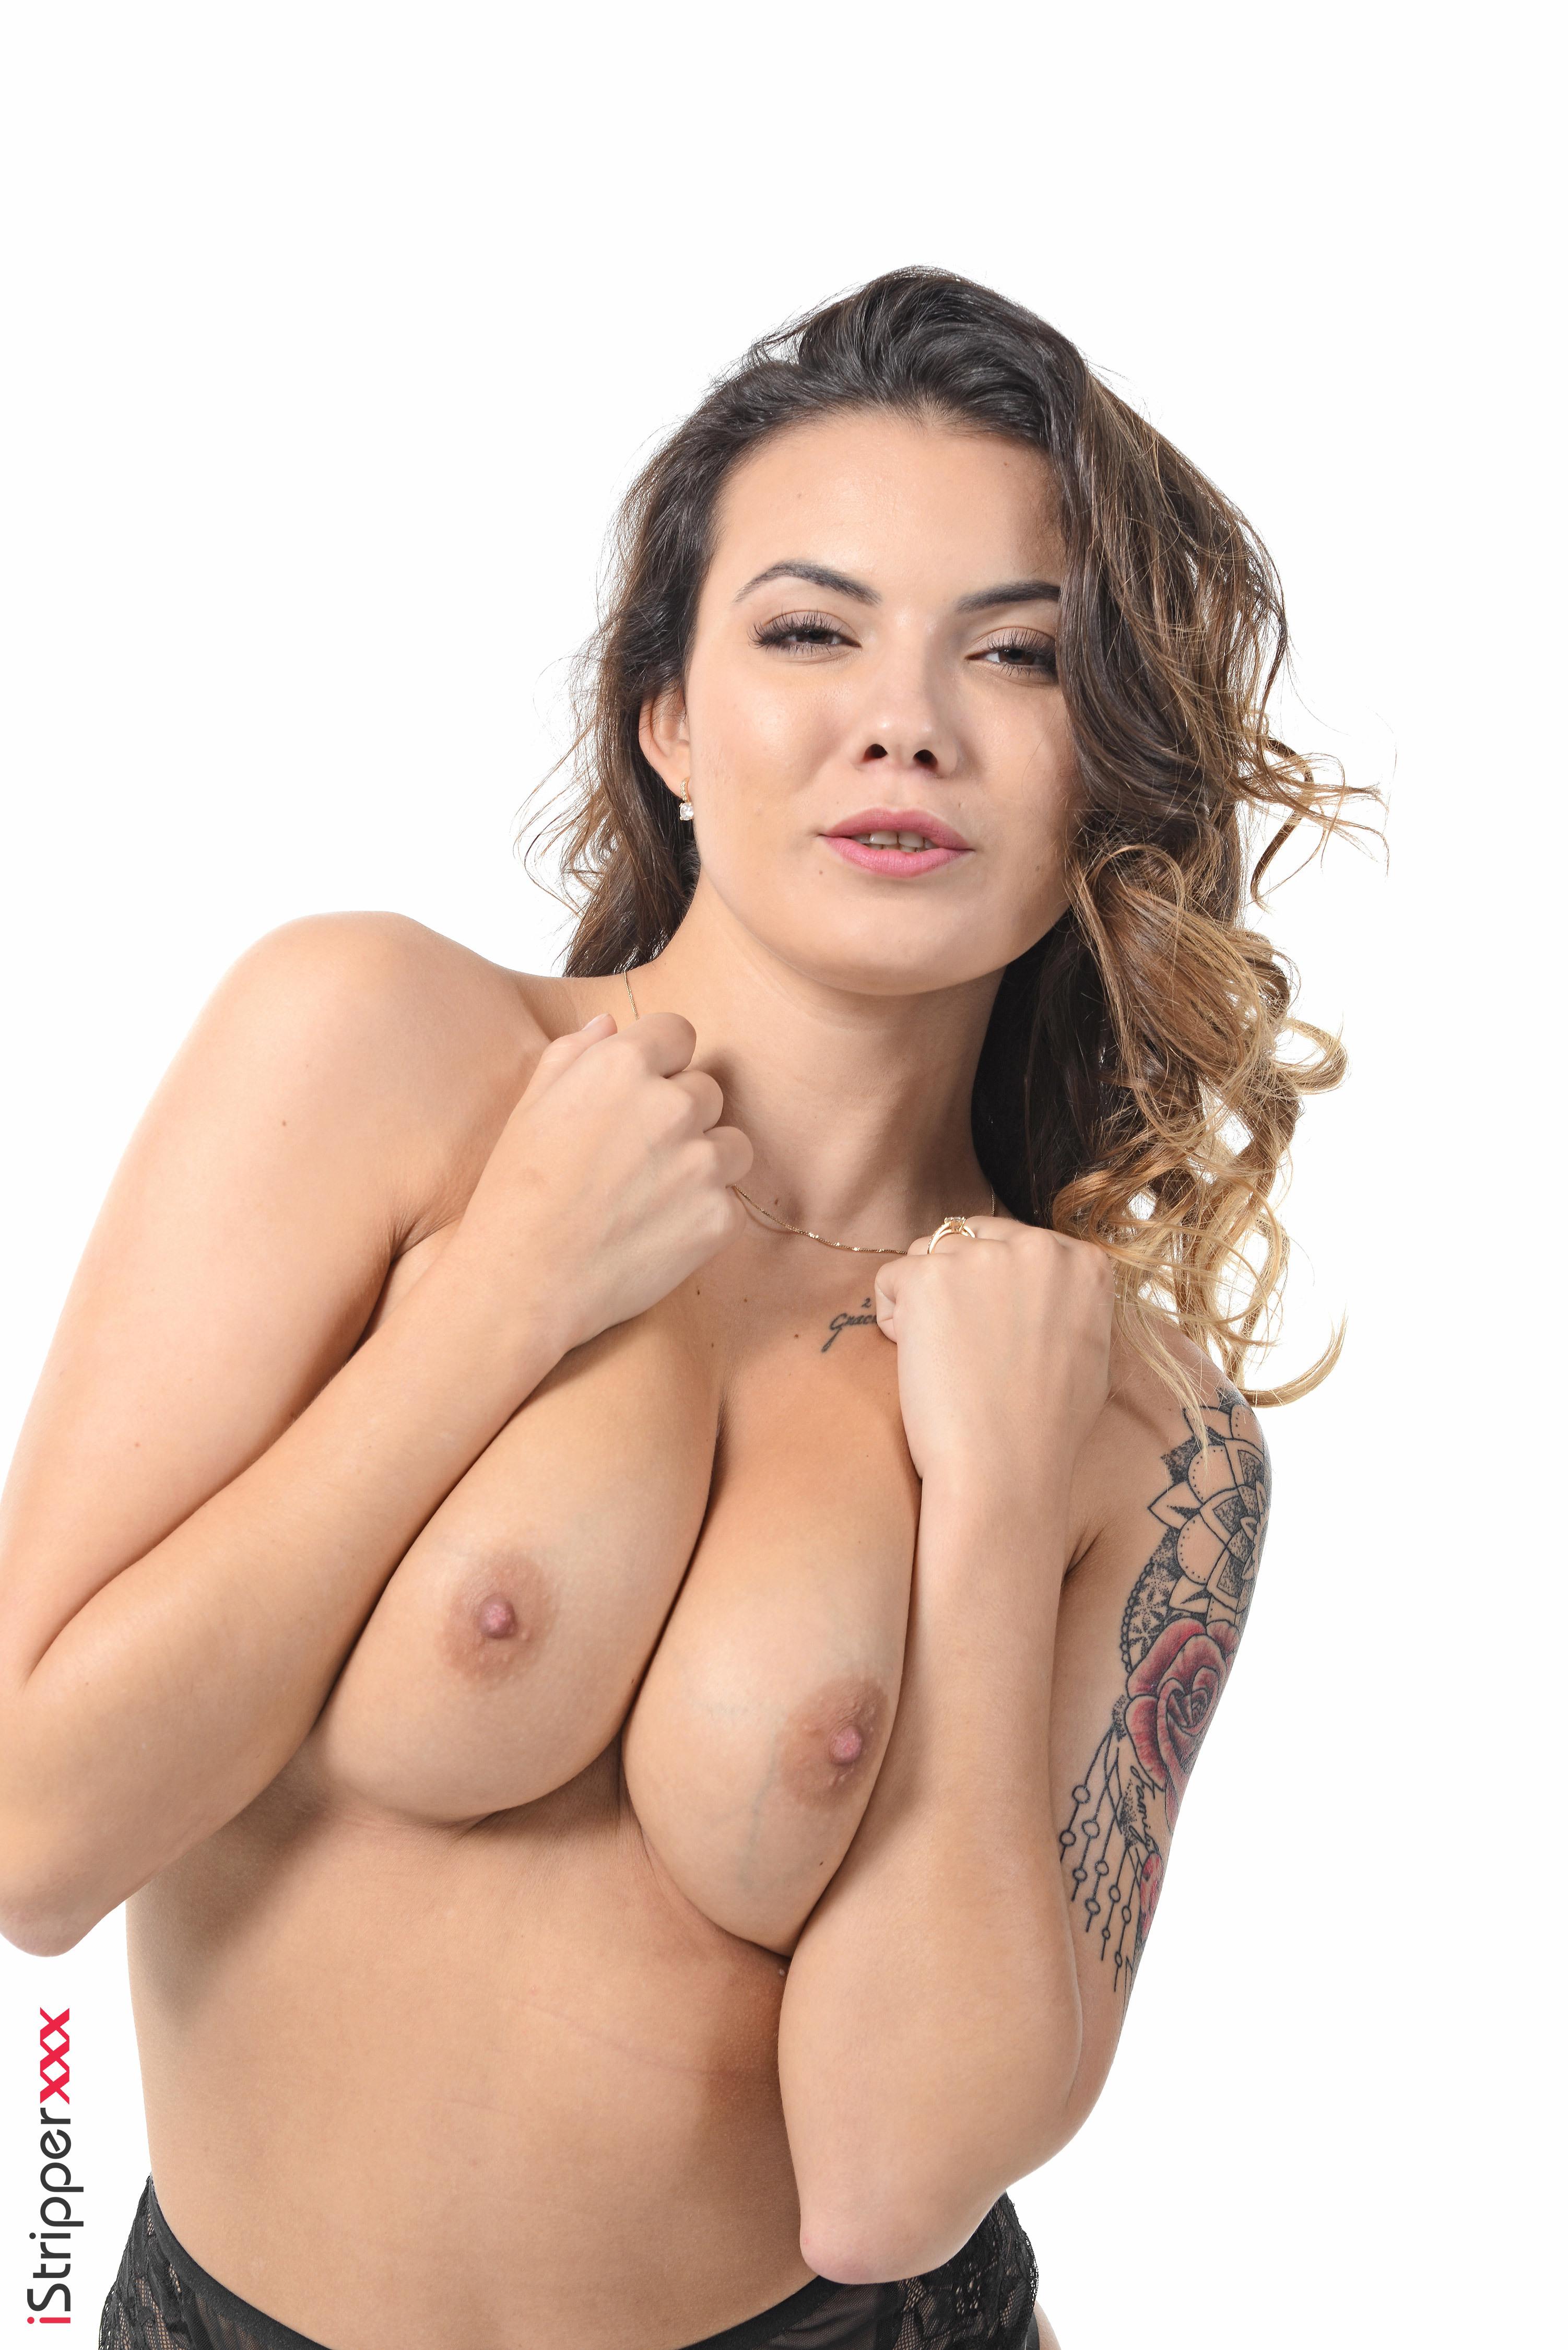 nude erotic porn art beauty wallpaper amazing